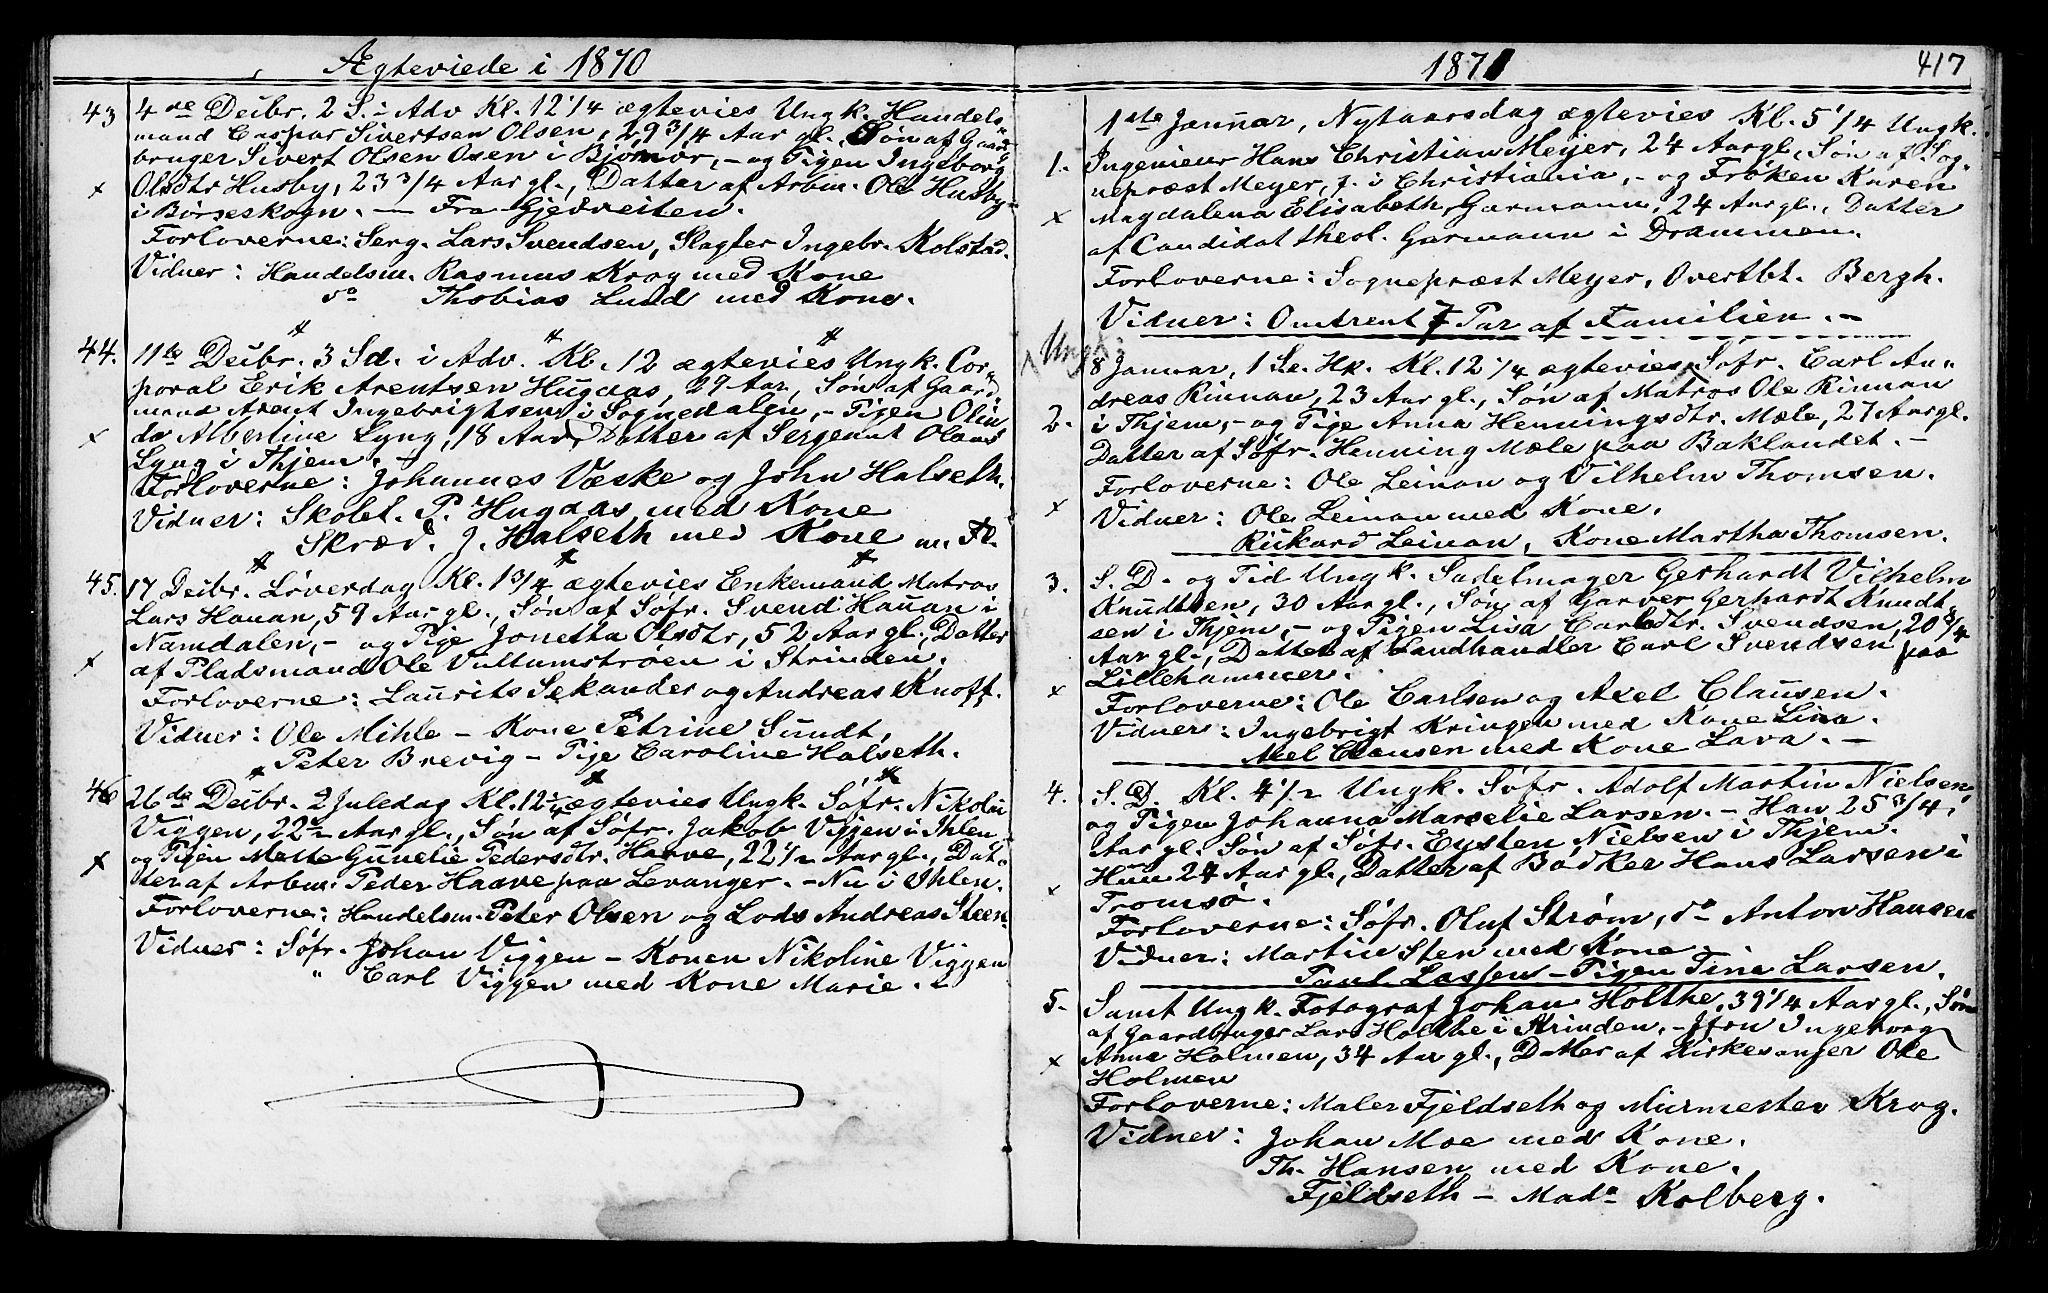 SAT, Ministerialprotokoller, klokkerbøker og fødselsregistre - Sør-Trøndelag, 602/L0140: Klokkerbok nr. 602C08, 1864-1872, s. 416-417